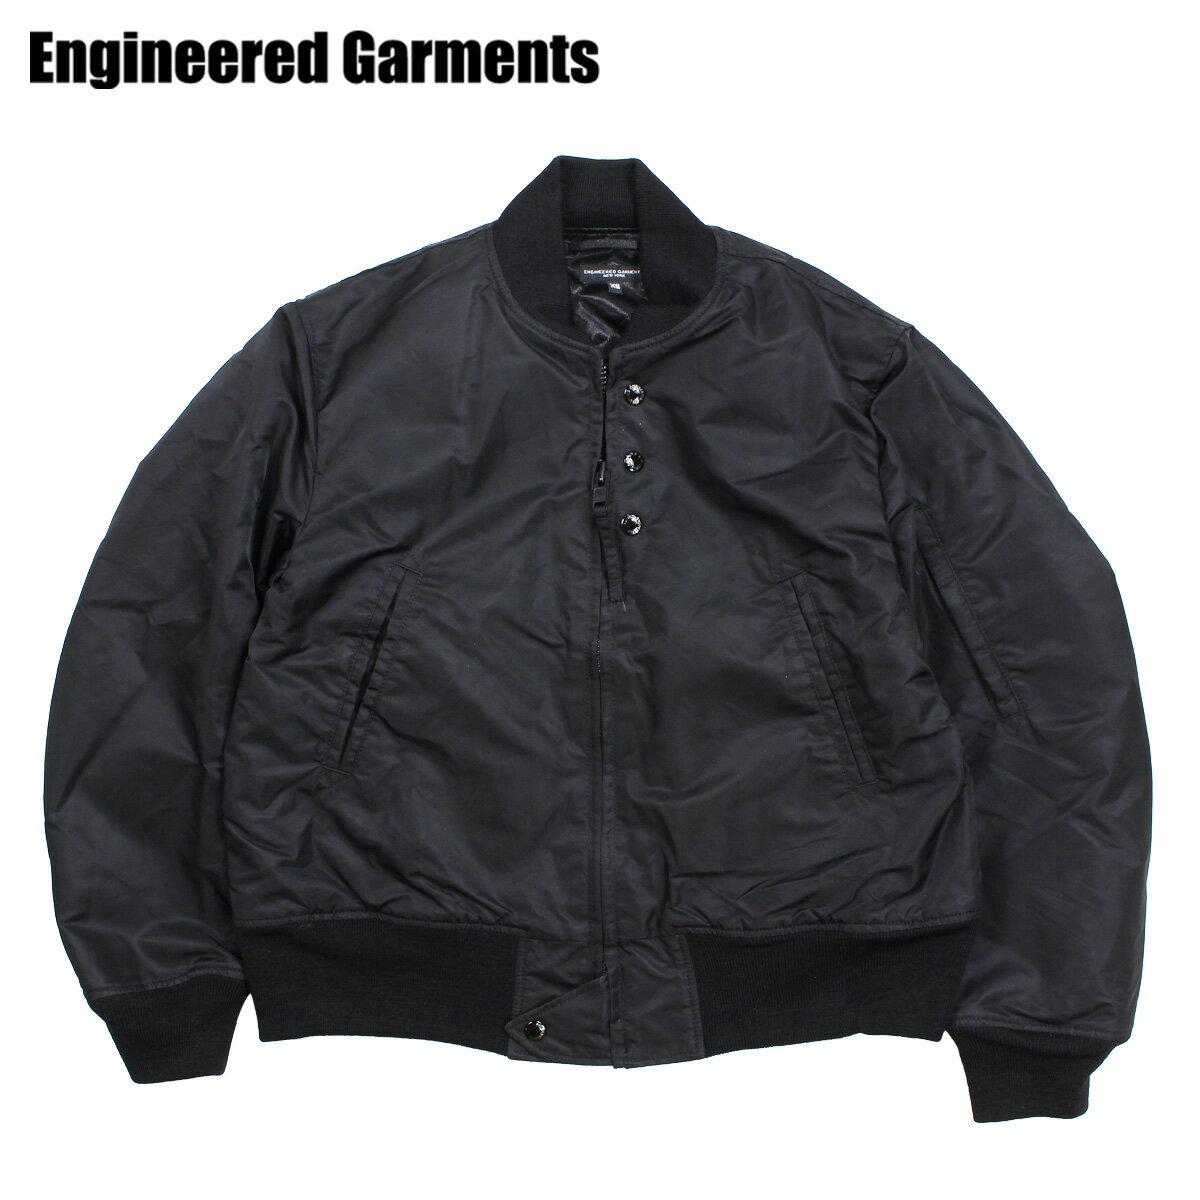 ENGINEERED GARMENTS エンジニアドガーメンツ ジャケット メンズ MA1 フライトジャケット AVIATOR JACKET ブラック 黒 F8D1191